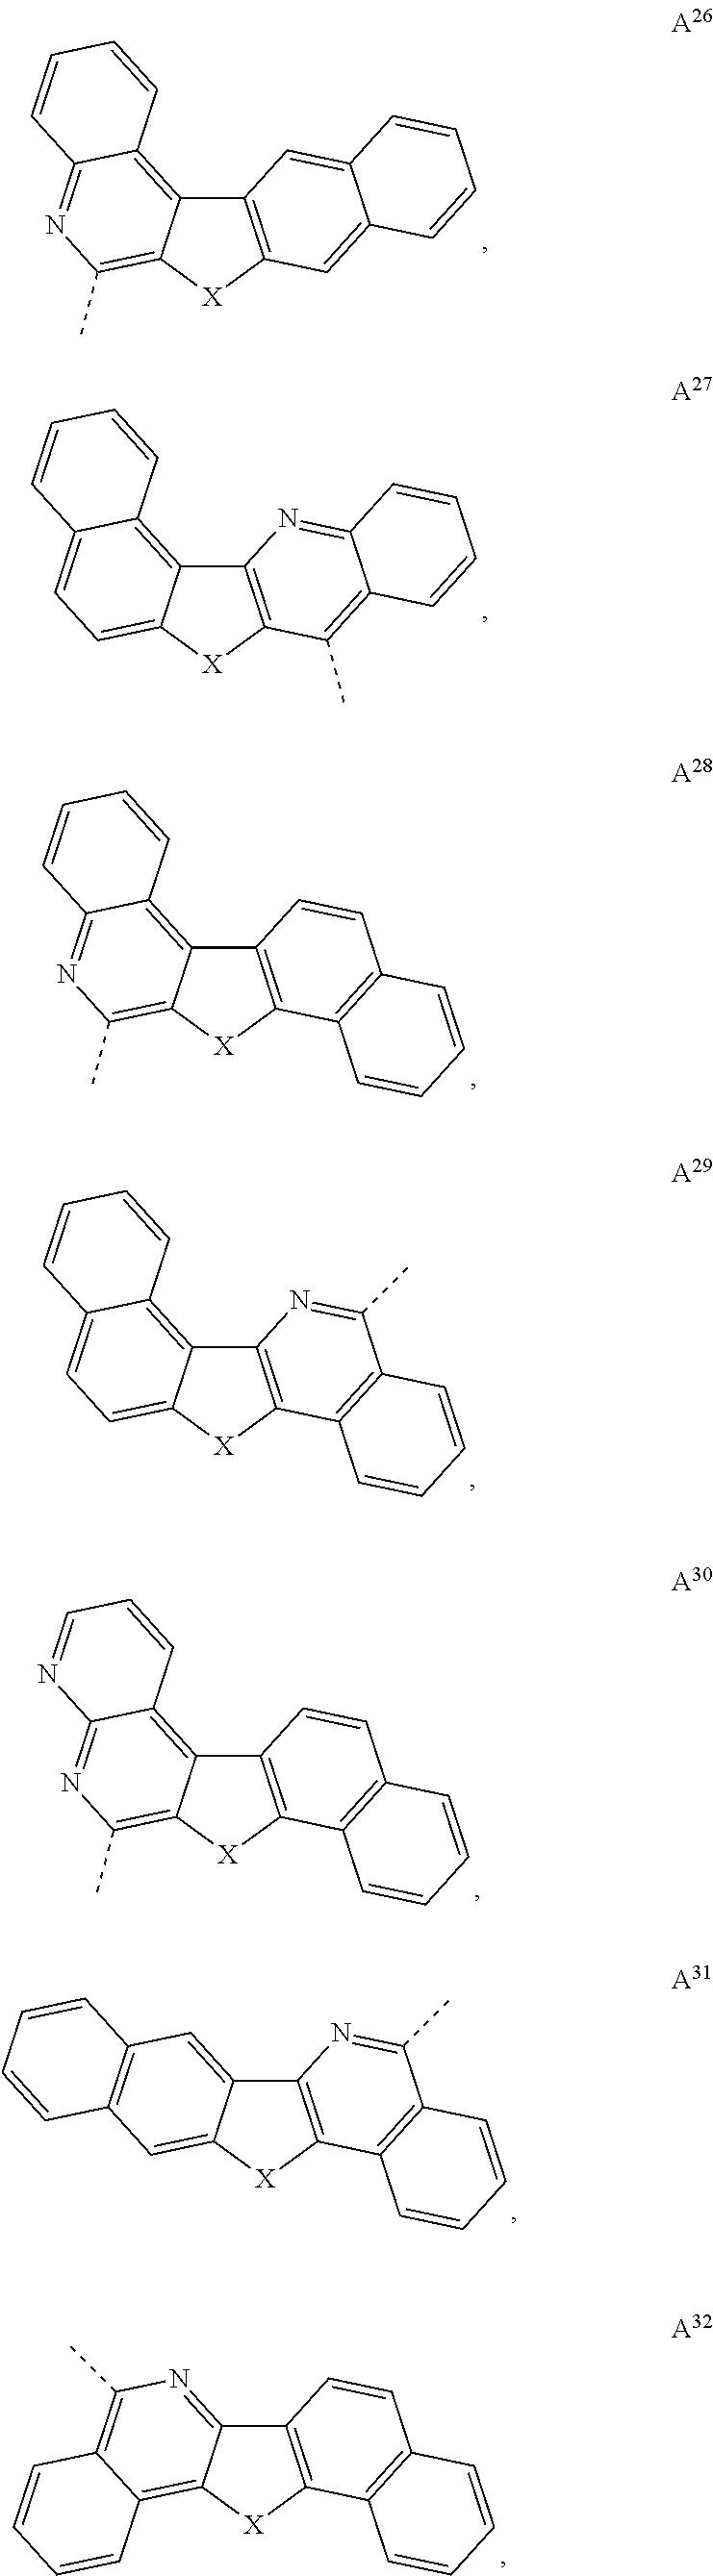 Figure US20170033295A1-20170202-C00181